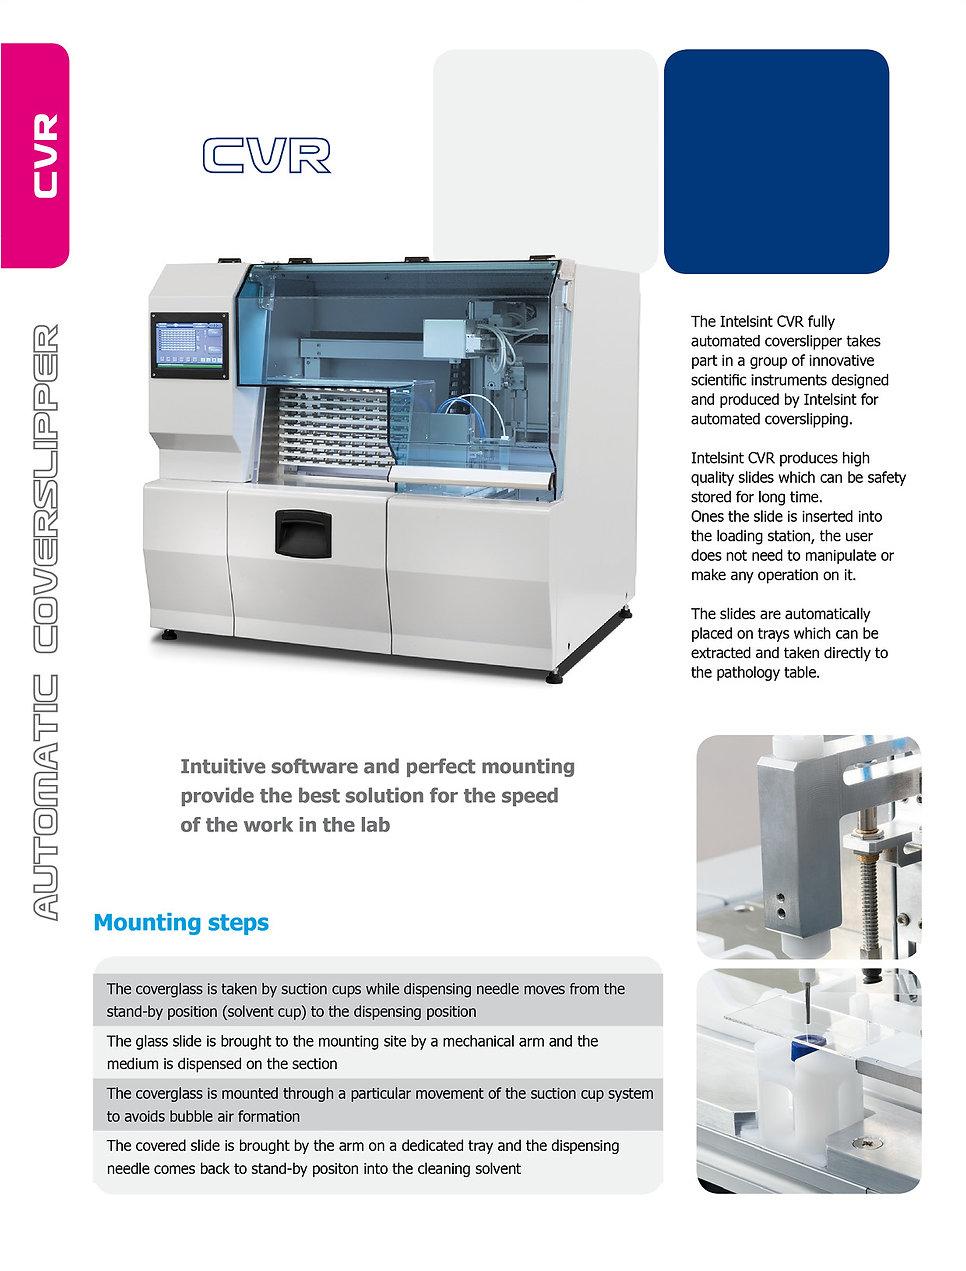 Intelsint Brochure CVR EN 202004 A42R.jp